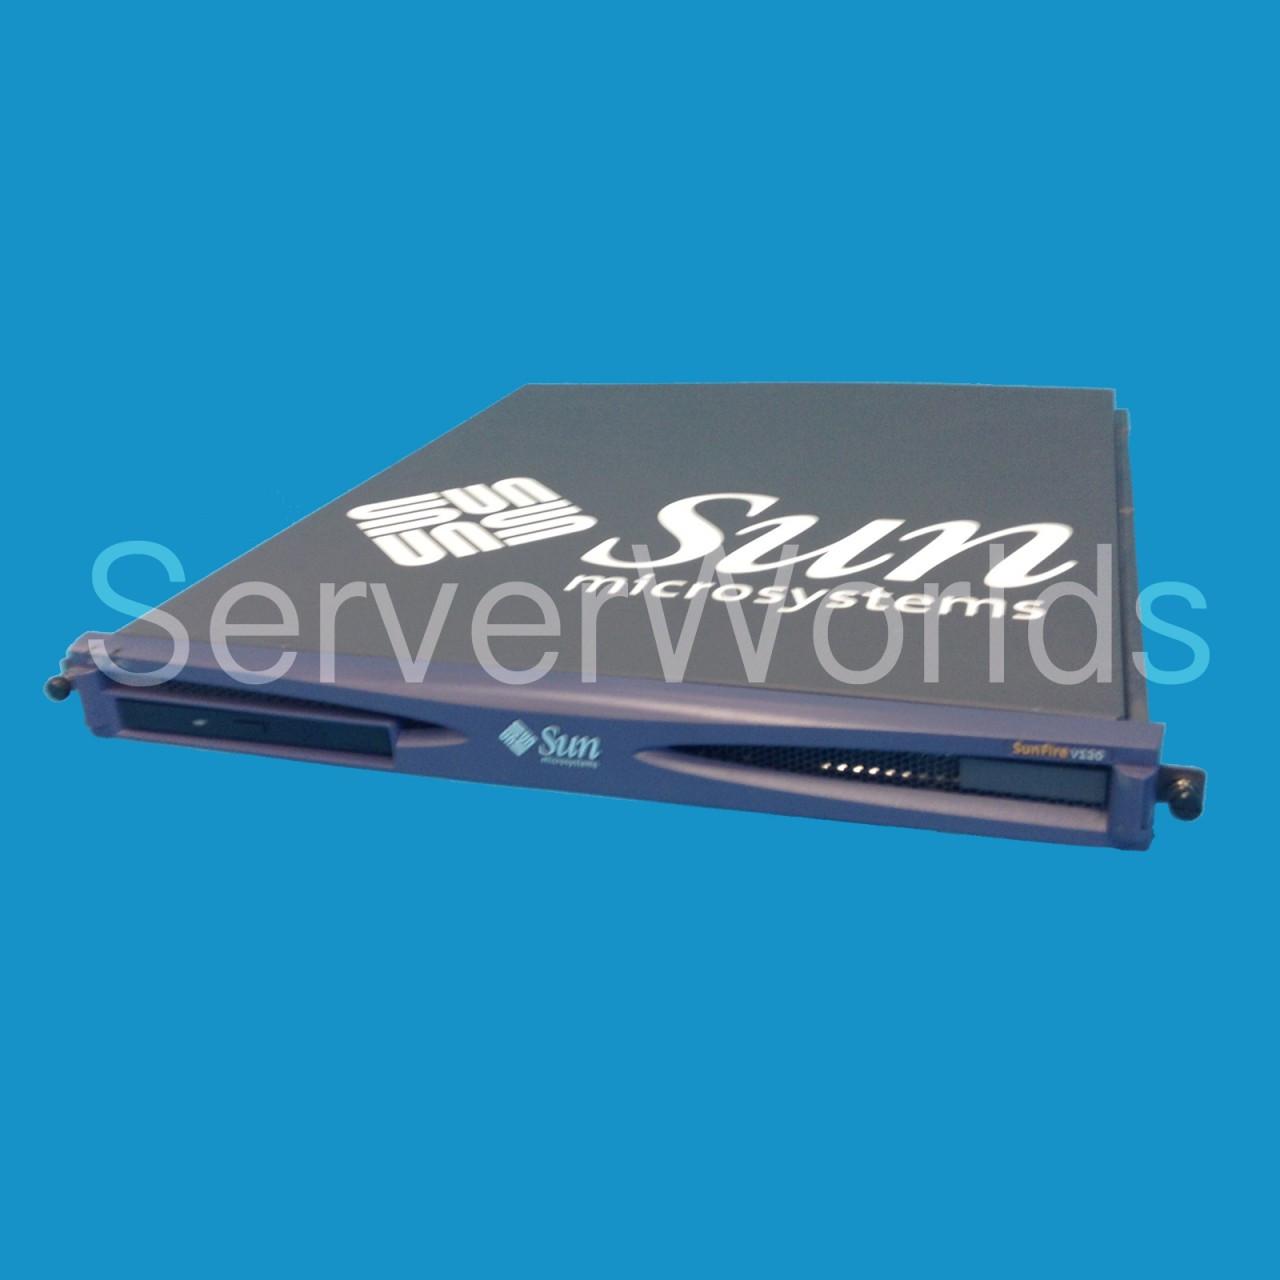 SunFire V120 Rackmount Server 650MHZ 1GB